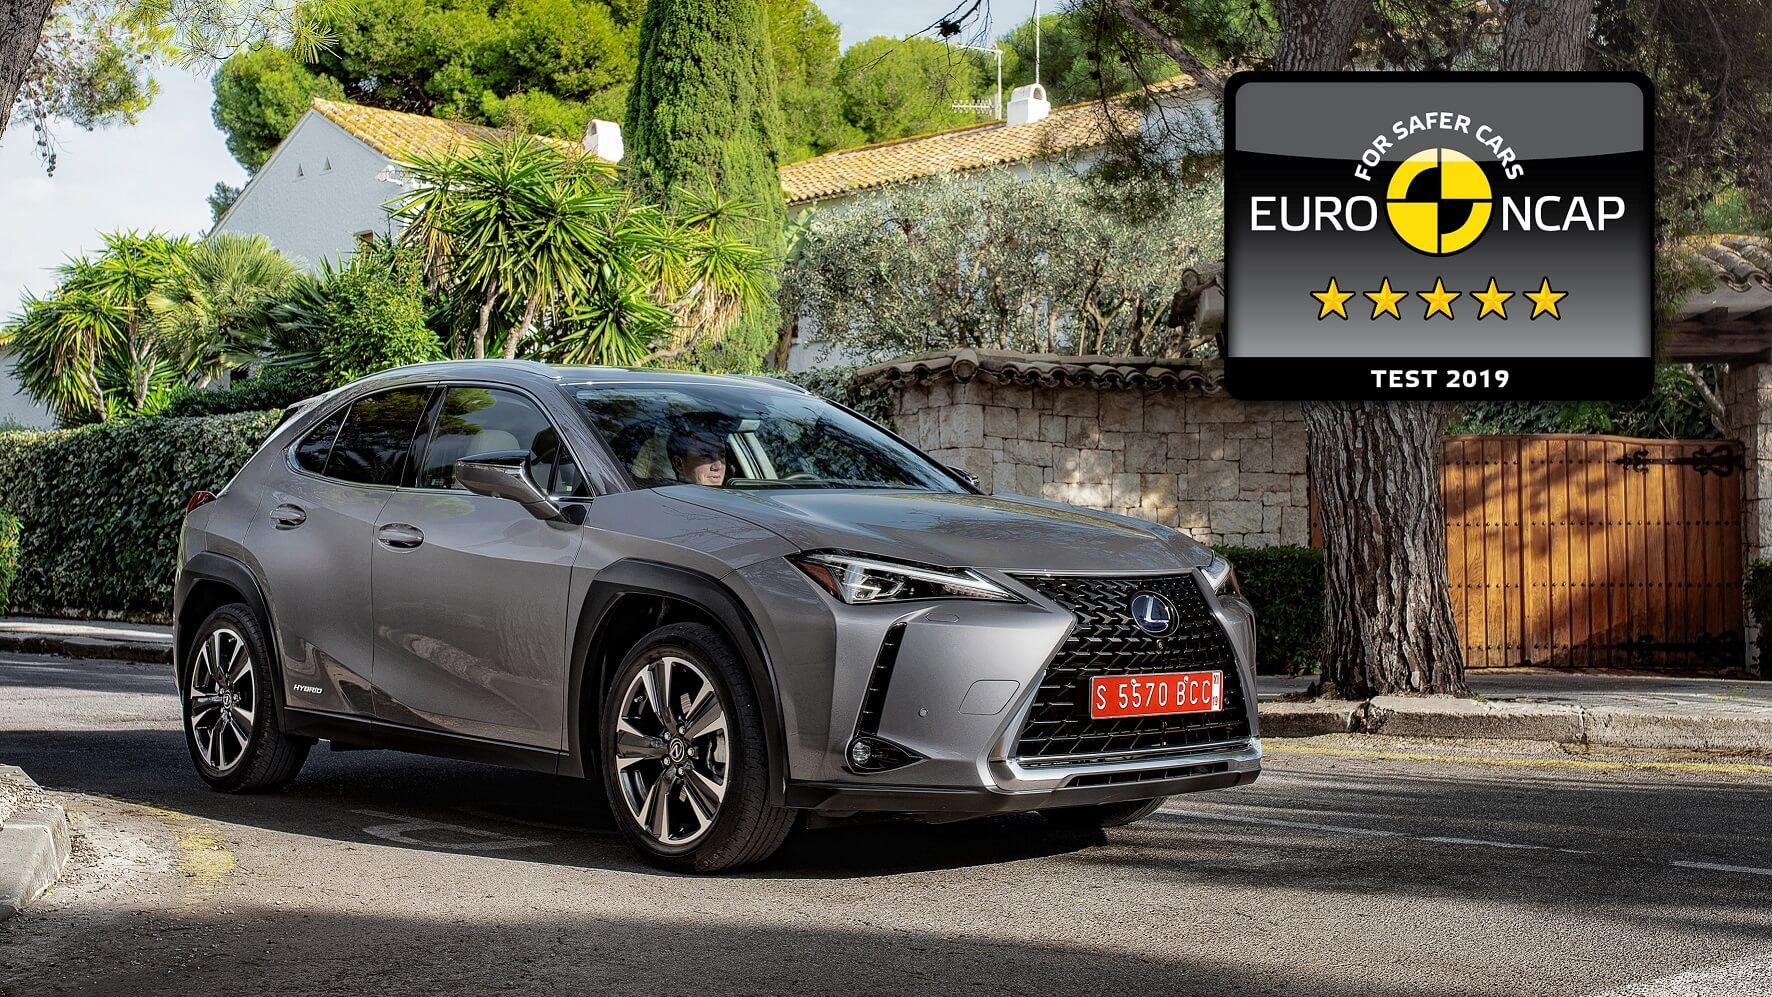 Novo Crossover lexus UX com 5 estrelas Euro NCAP